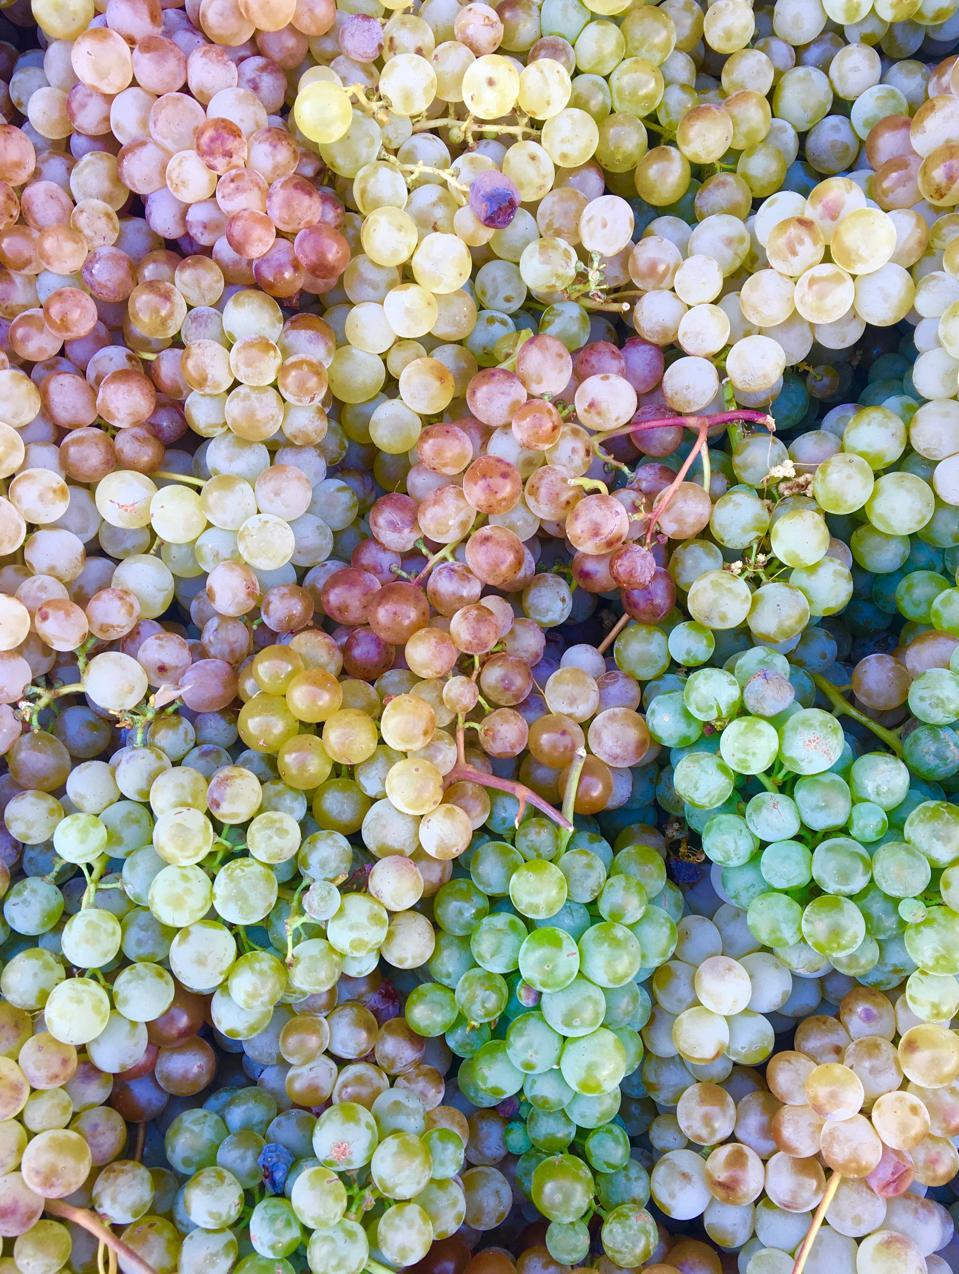 Voskehat grapes at Old Bridge Wine Cellar